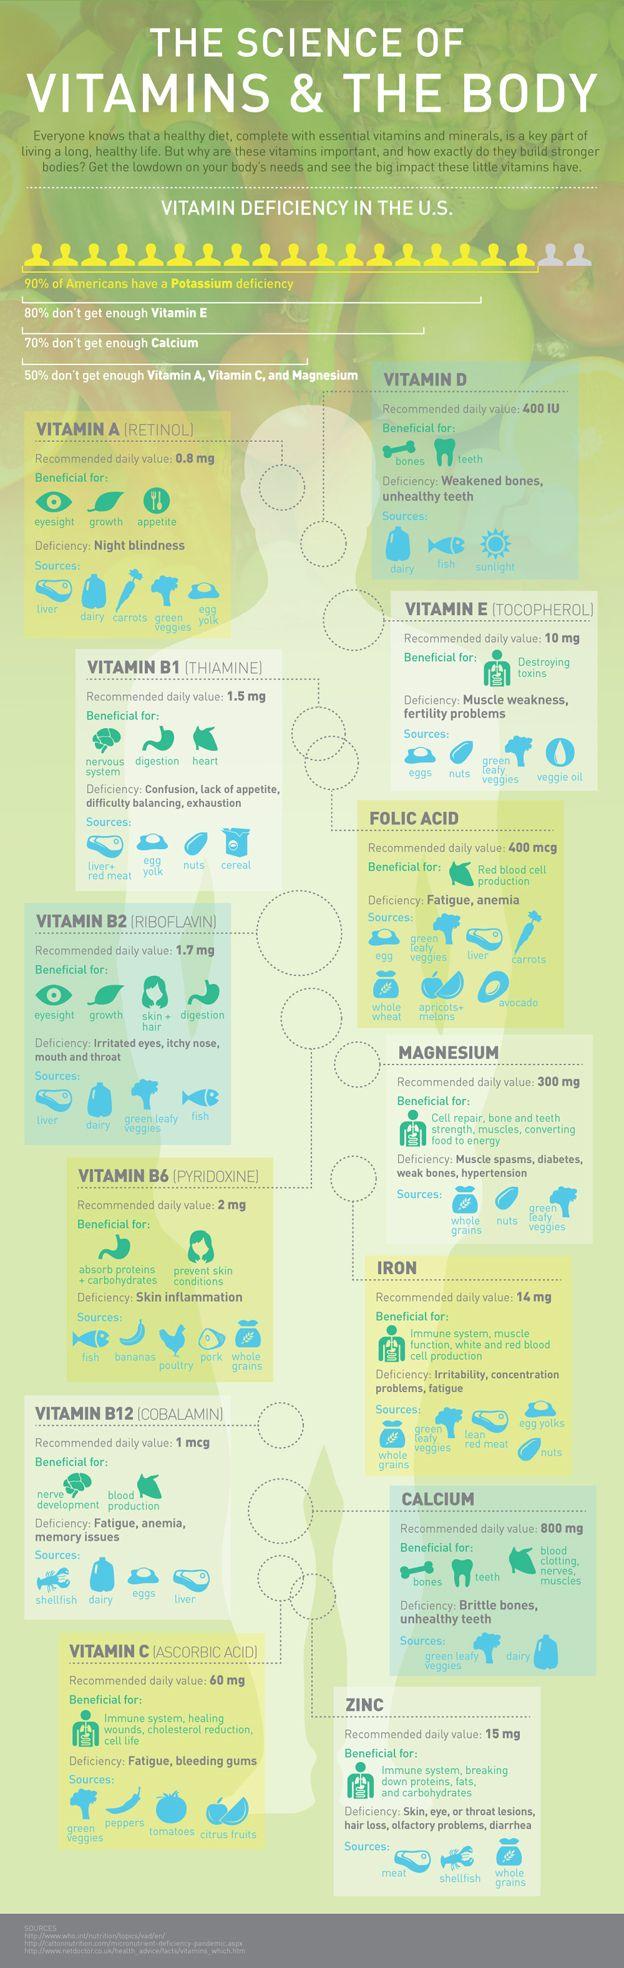 се витамины (доза+источники), необходимые организму, на одной картинке.